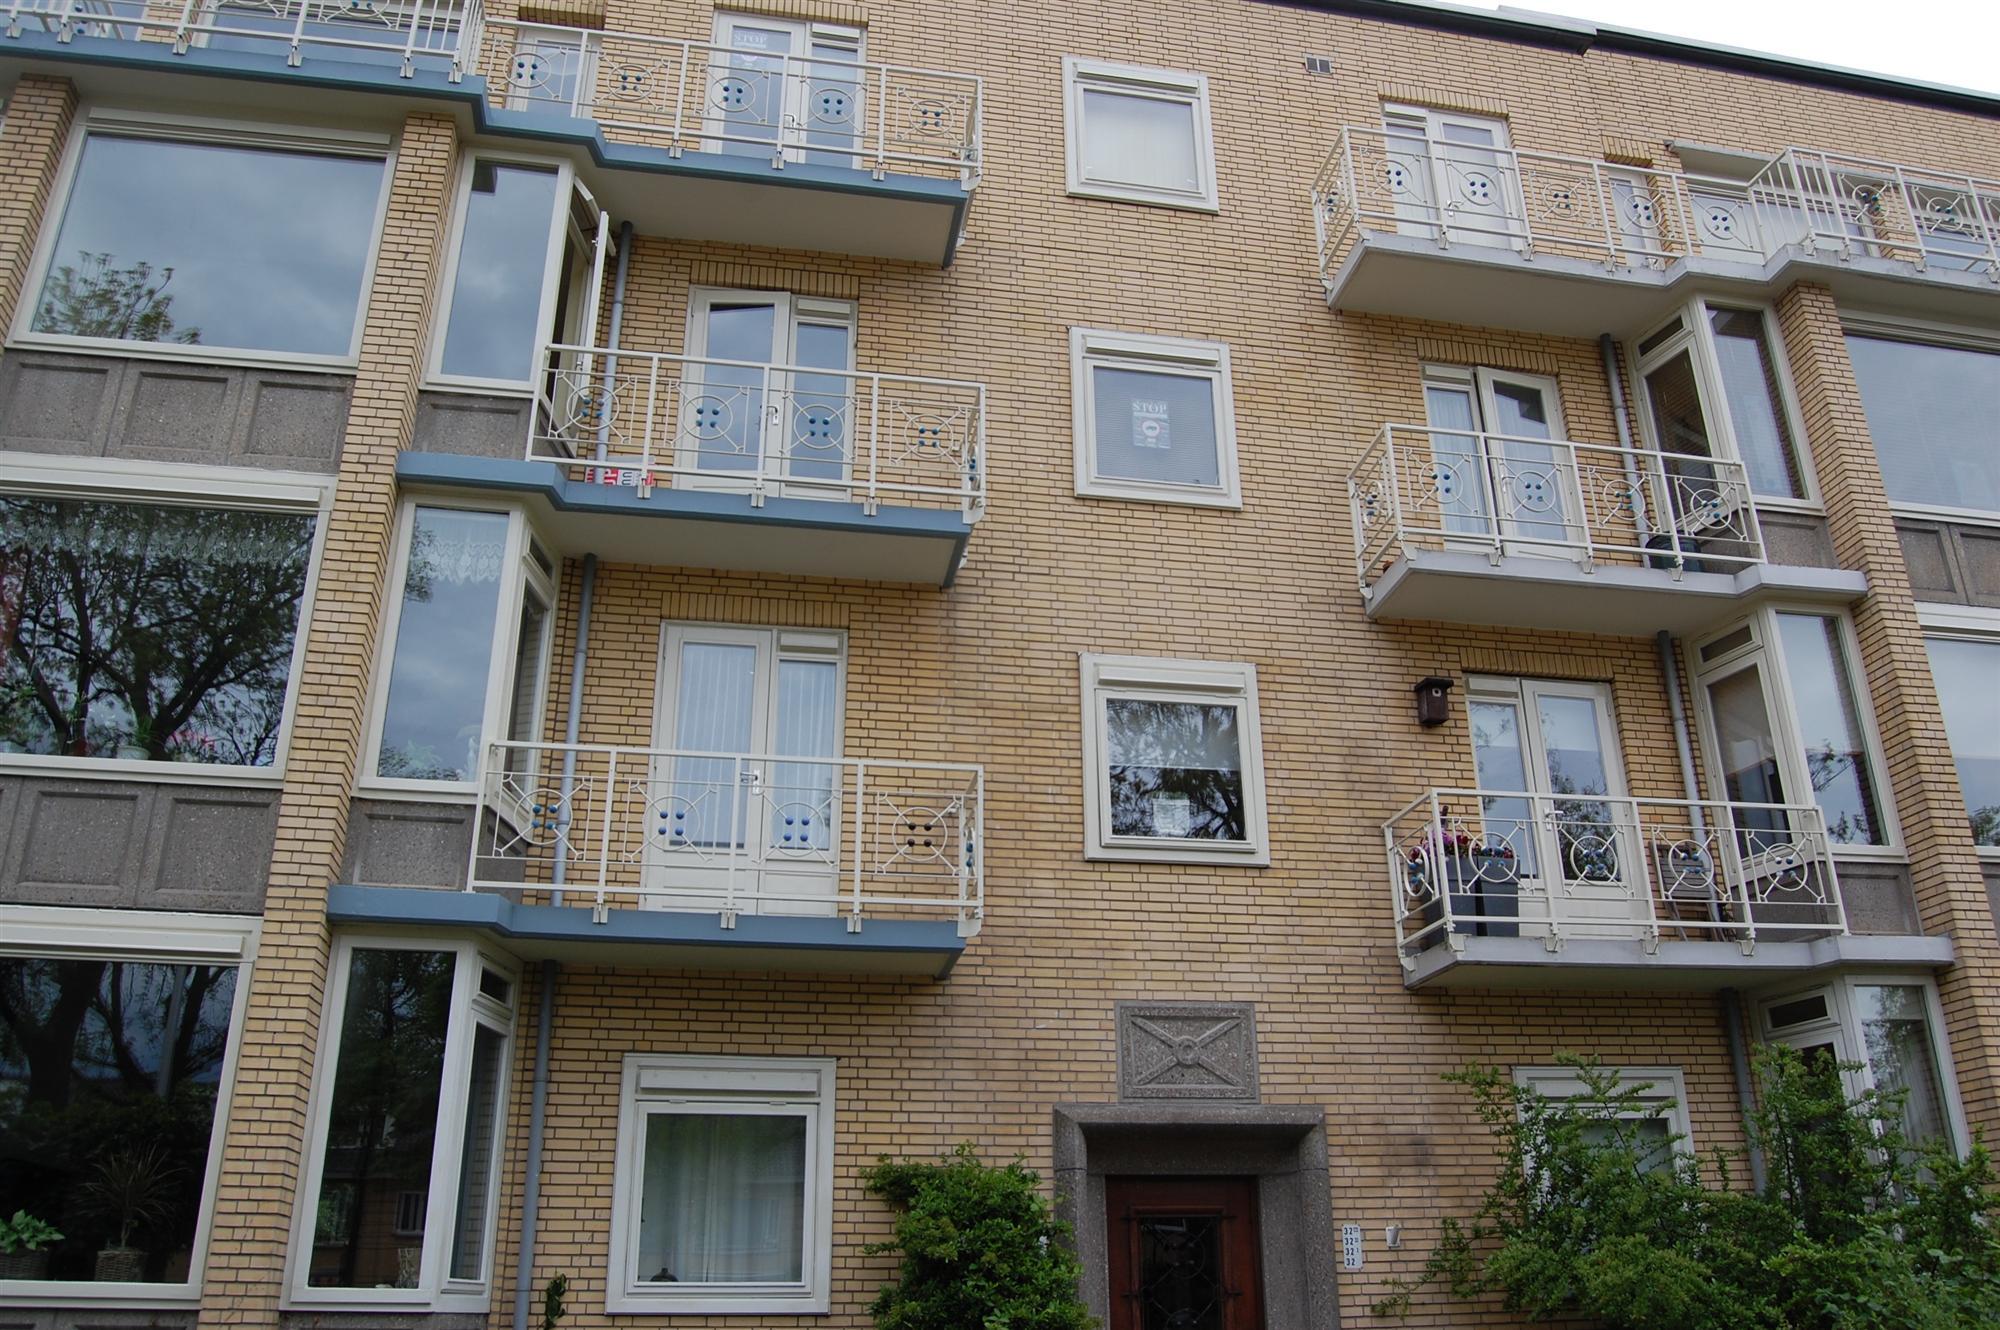 balkons-voorzijde